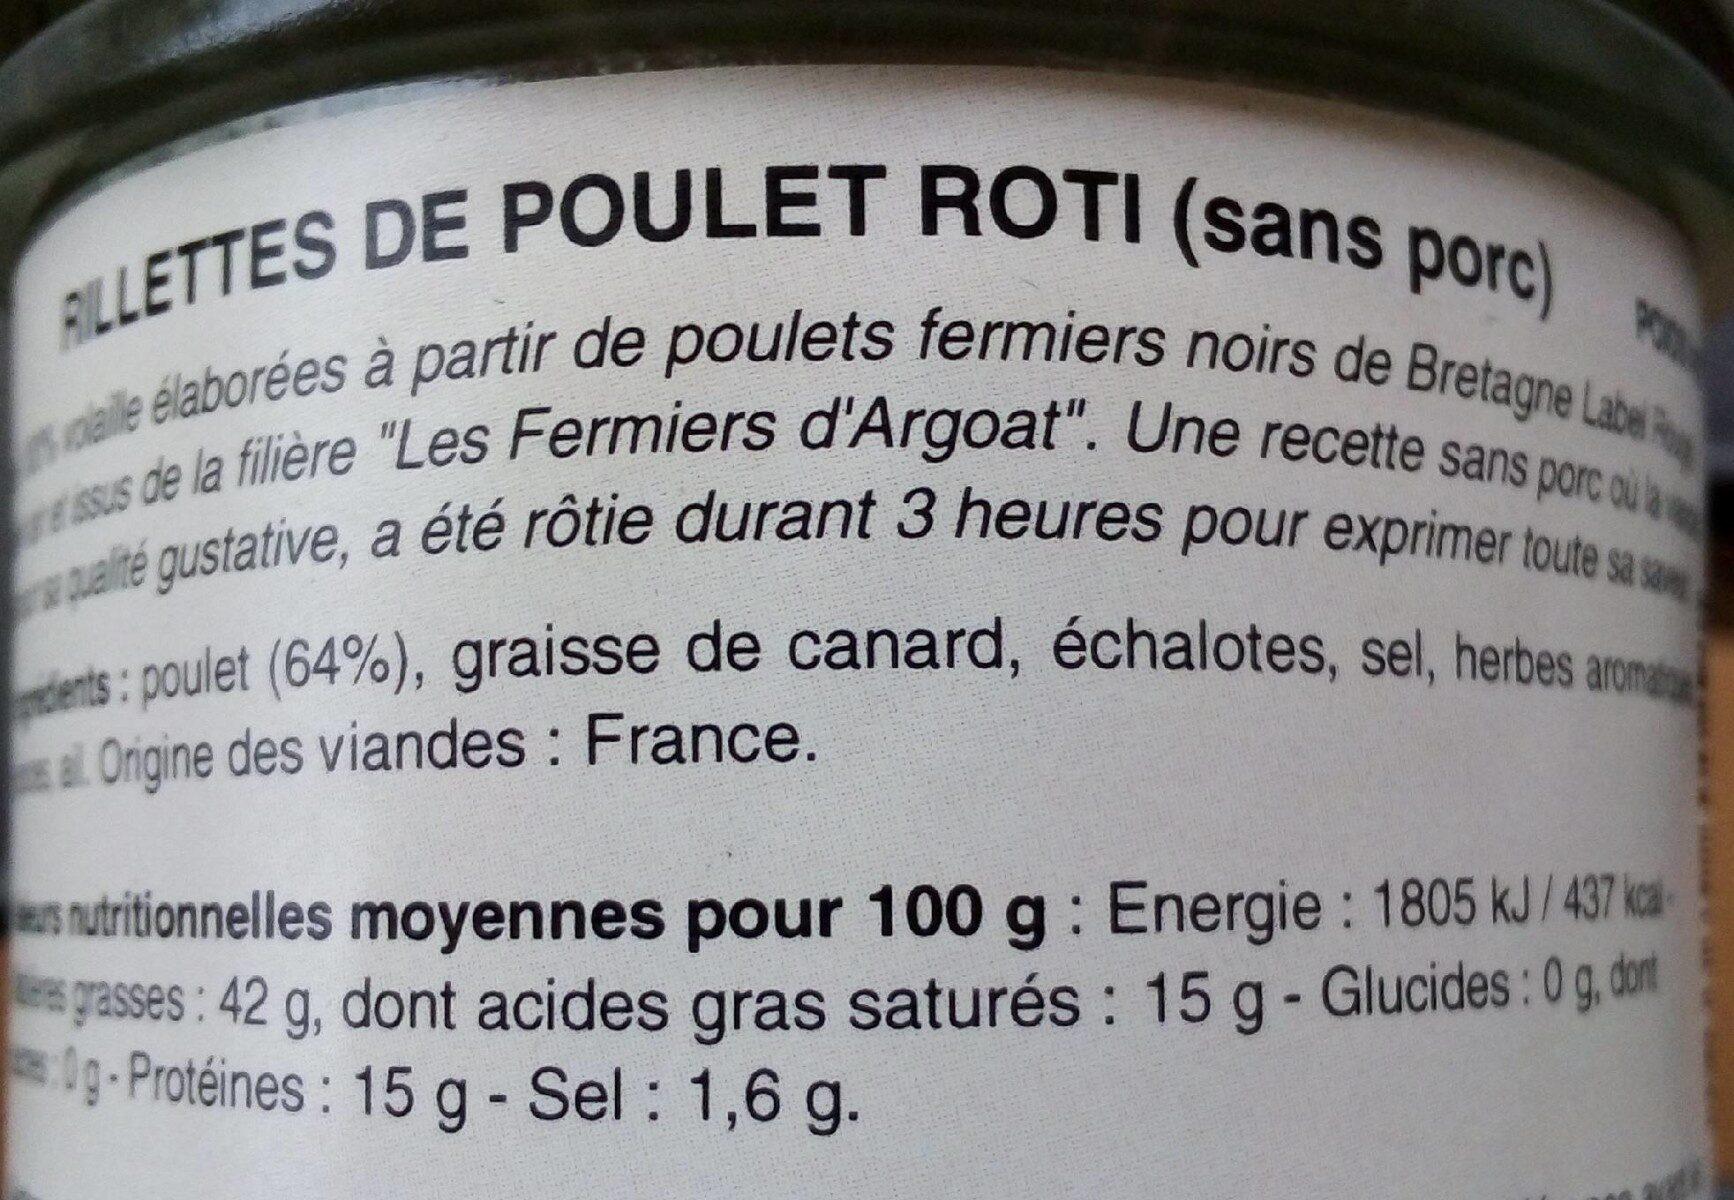 Rillettes de poulet rôti - Nutrition facts - fr